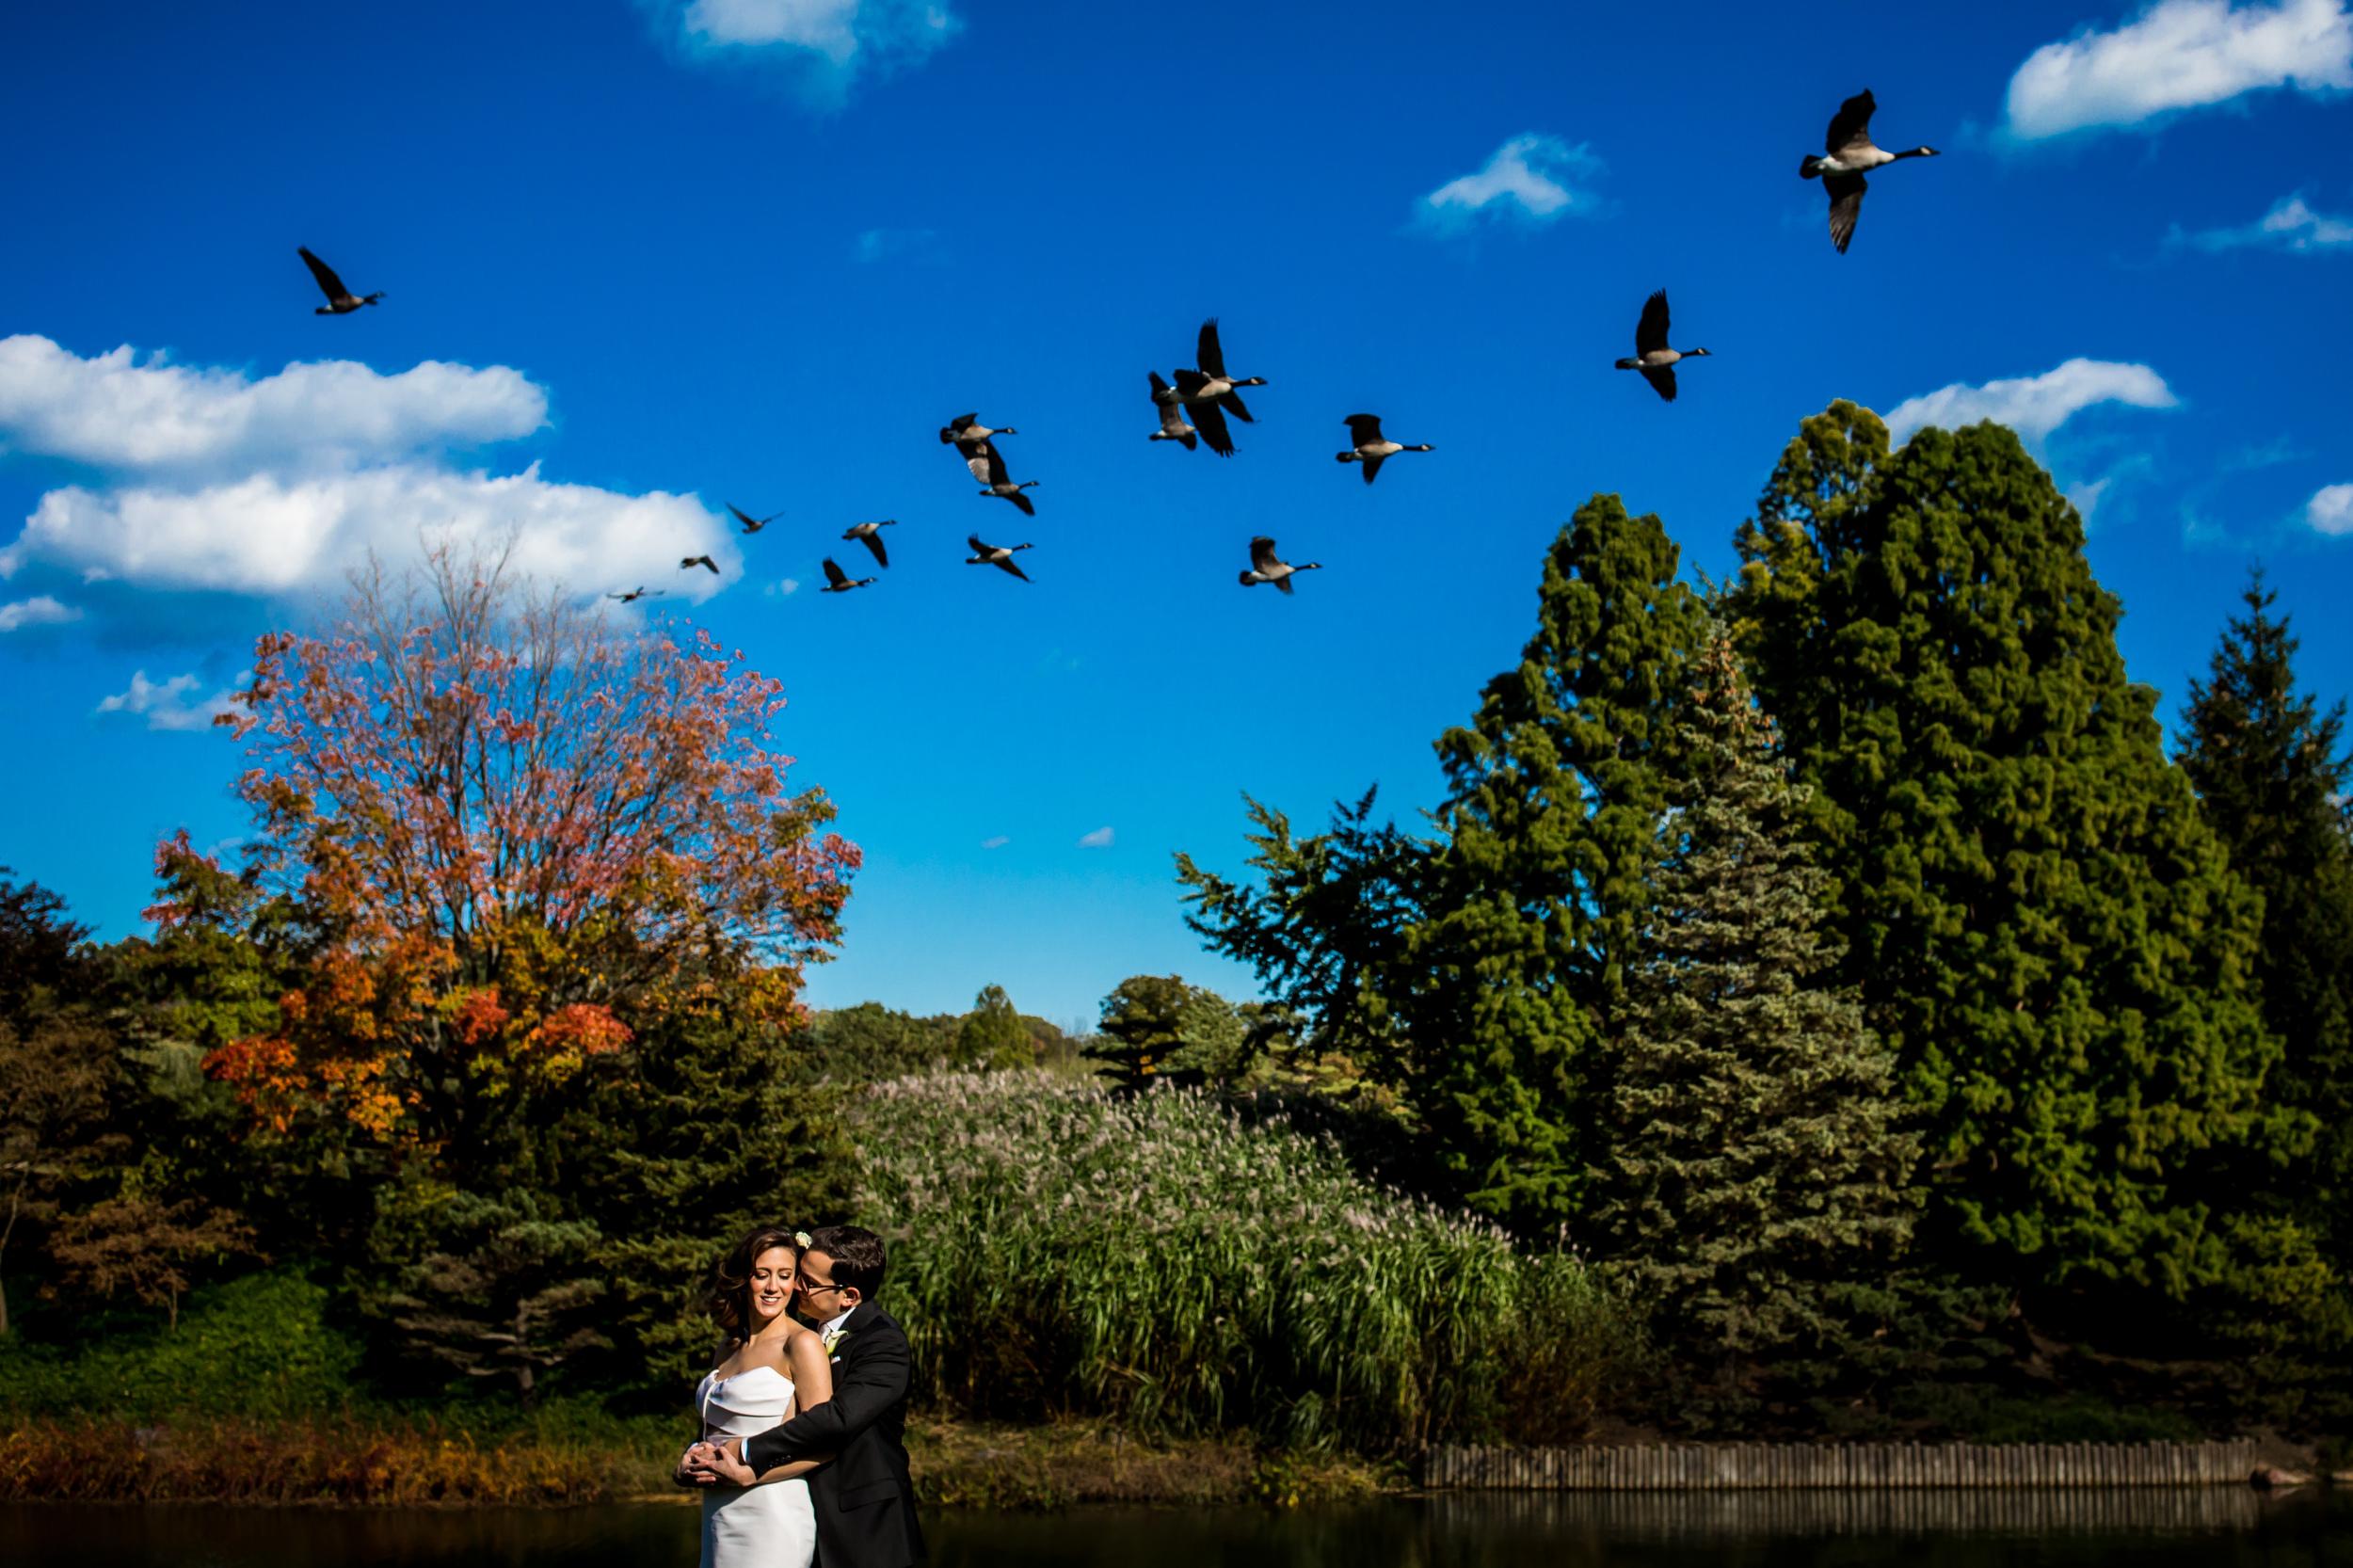 An outdoor wedding at Chicago Botanic Garden